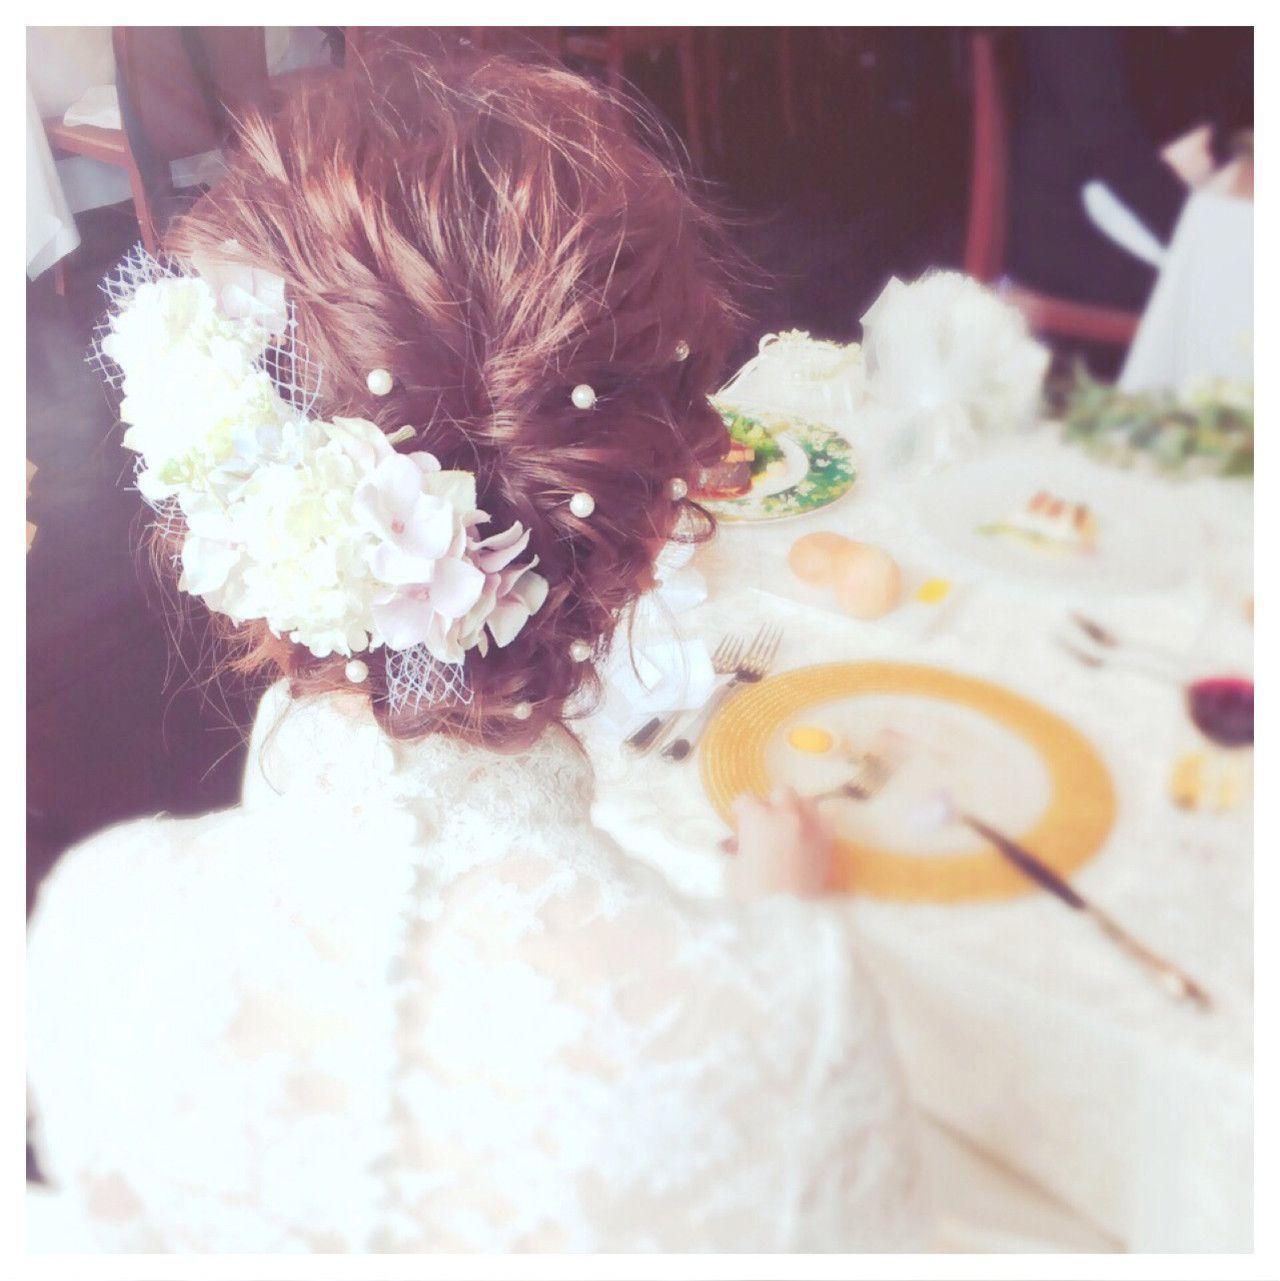 隠し味は【パールピン】!かわいいおすすめヘアアレンジ叶えます♡の5枚目の画像